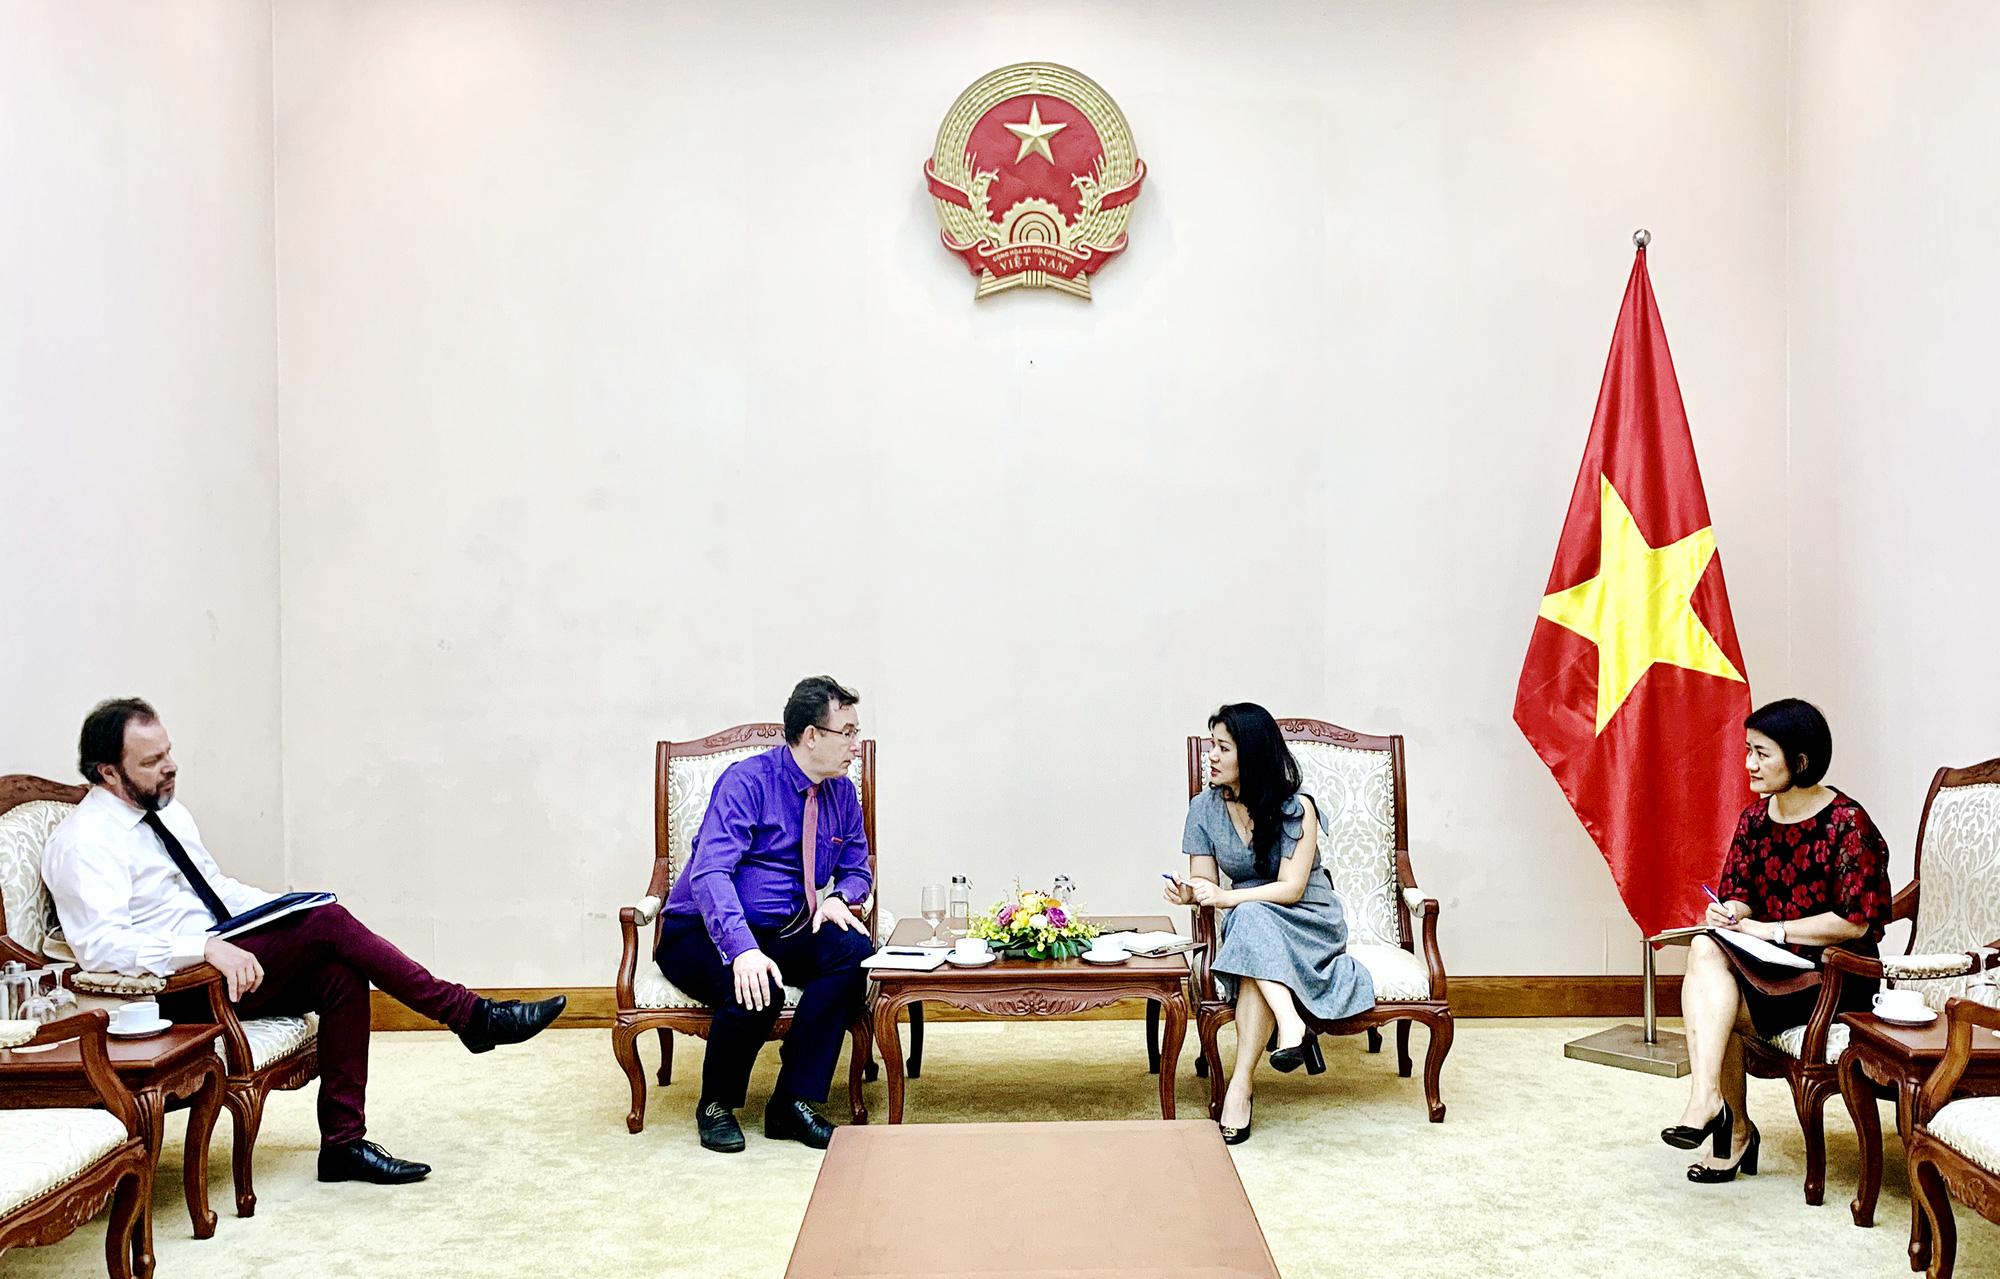 Cục trưởng Cục Hợp tác quốc tế tiếp Ông Etienne Rolland-Piegue, Tham tán Văn hóa và hợp tác, Đại sứ quán Pháp tại Việt Nam - Ảnh 1.